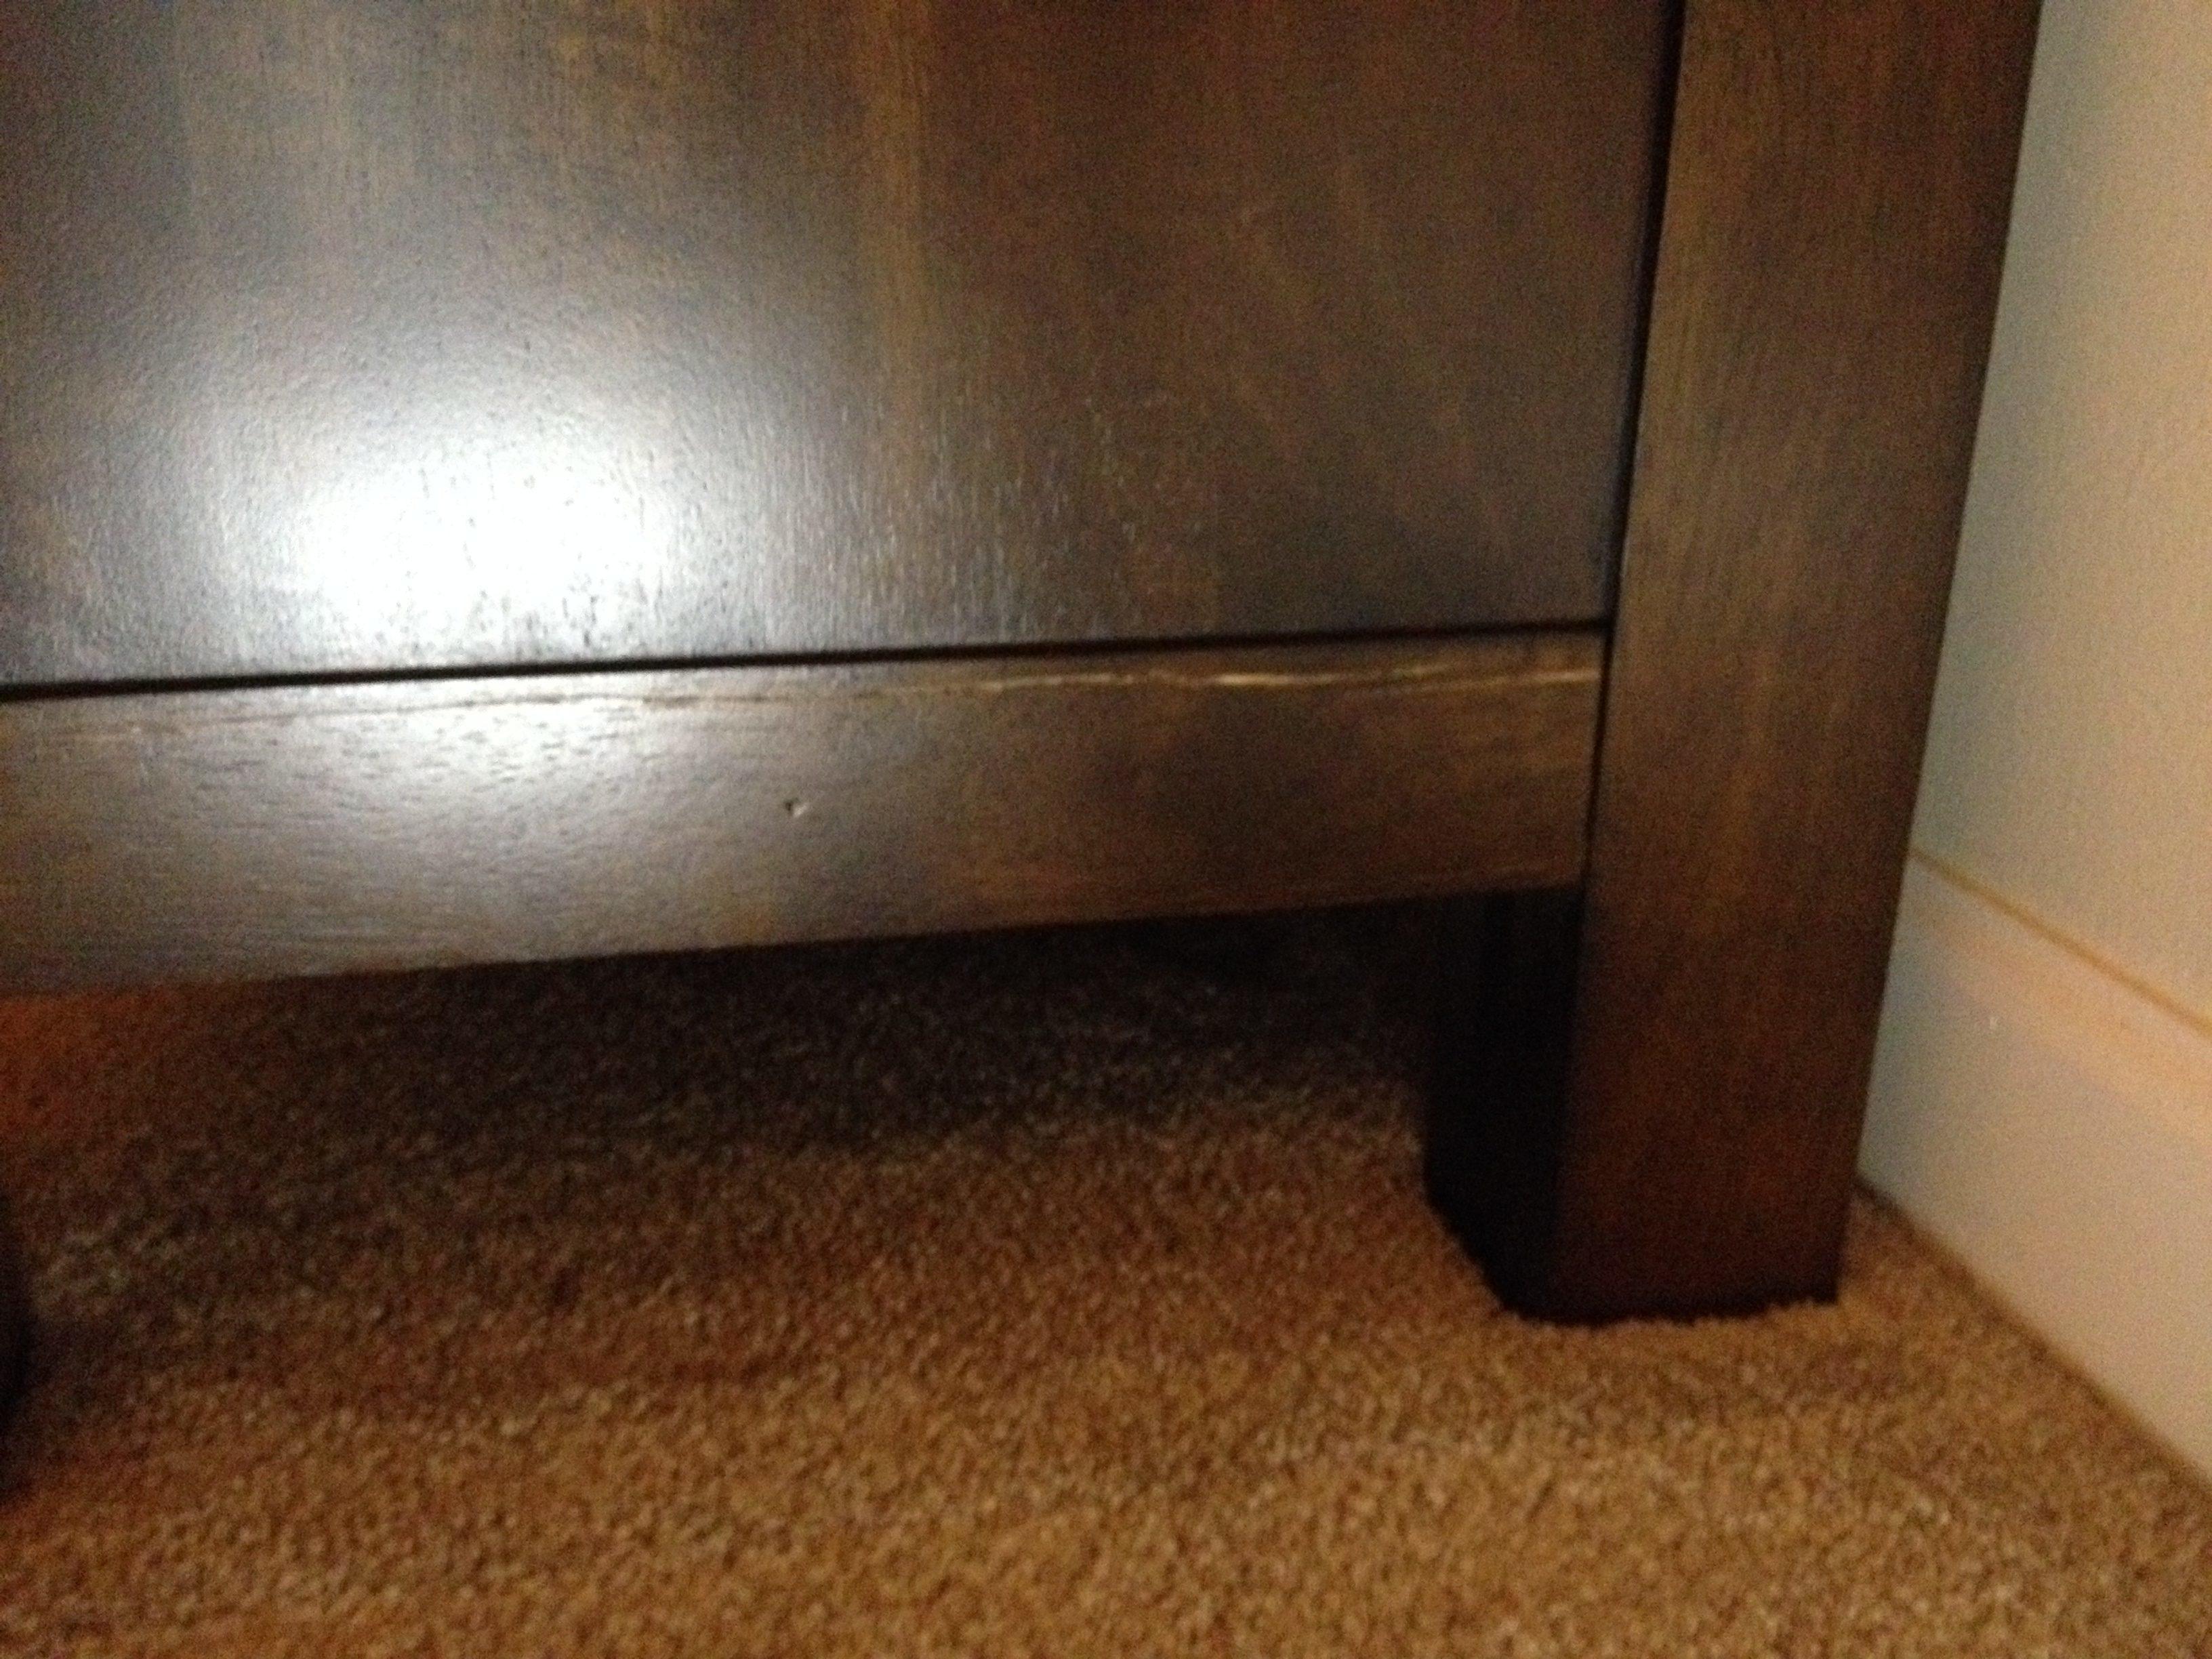 Bobs Adjustable Bed Bedroom Kings Brand Furniture 7 Leg Adjustable Metal Bed Frame With Center